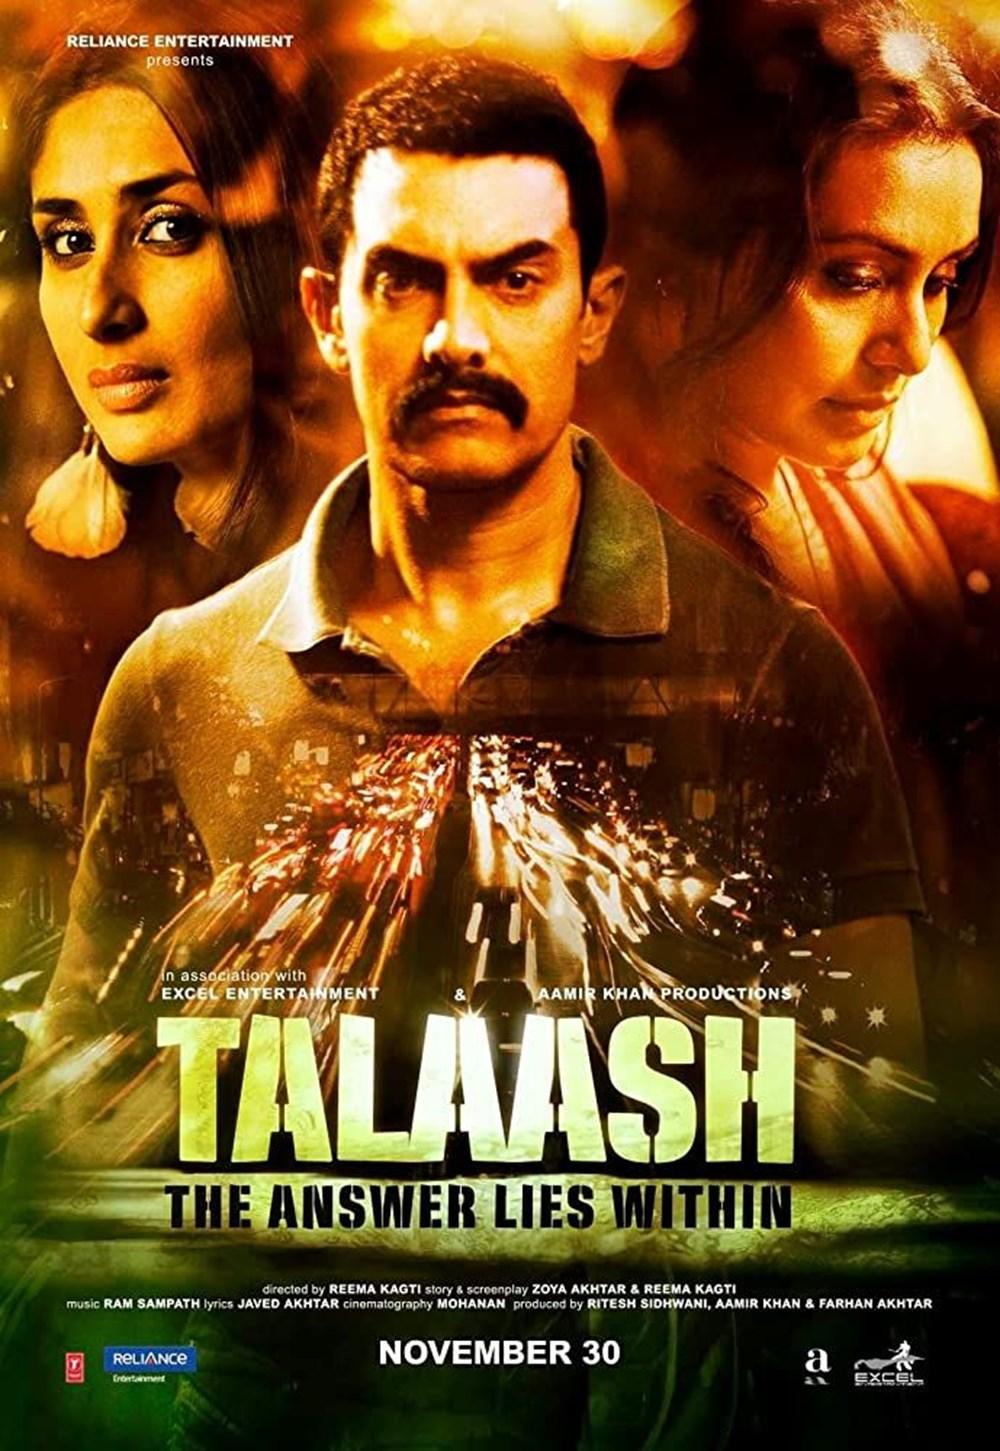 En iyi Aamir Khan filmleri (Aamir Khan'ın izlenmesi gereken filmleri) - 12